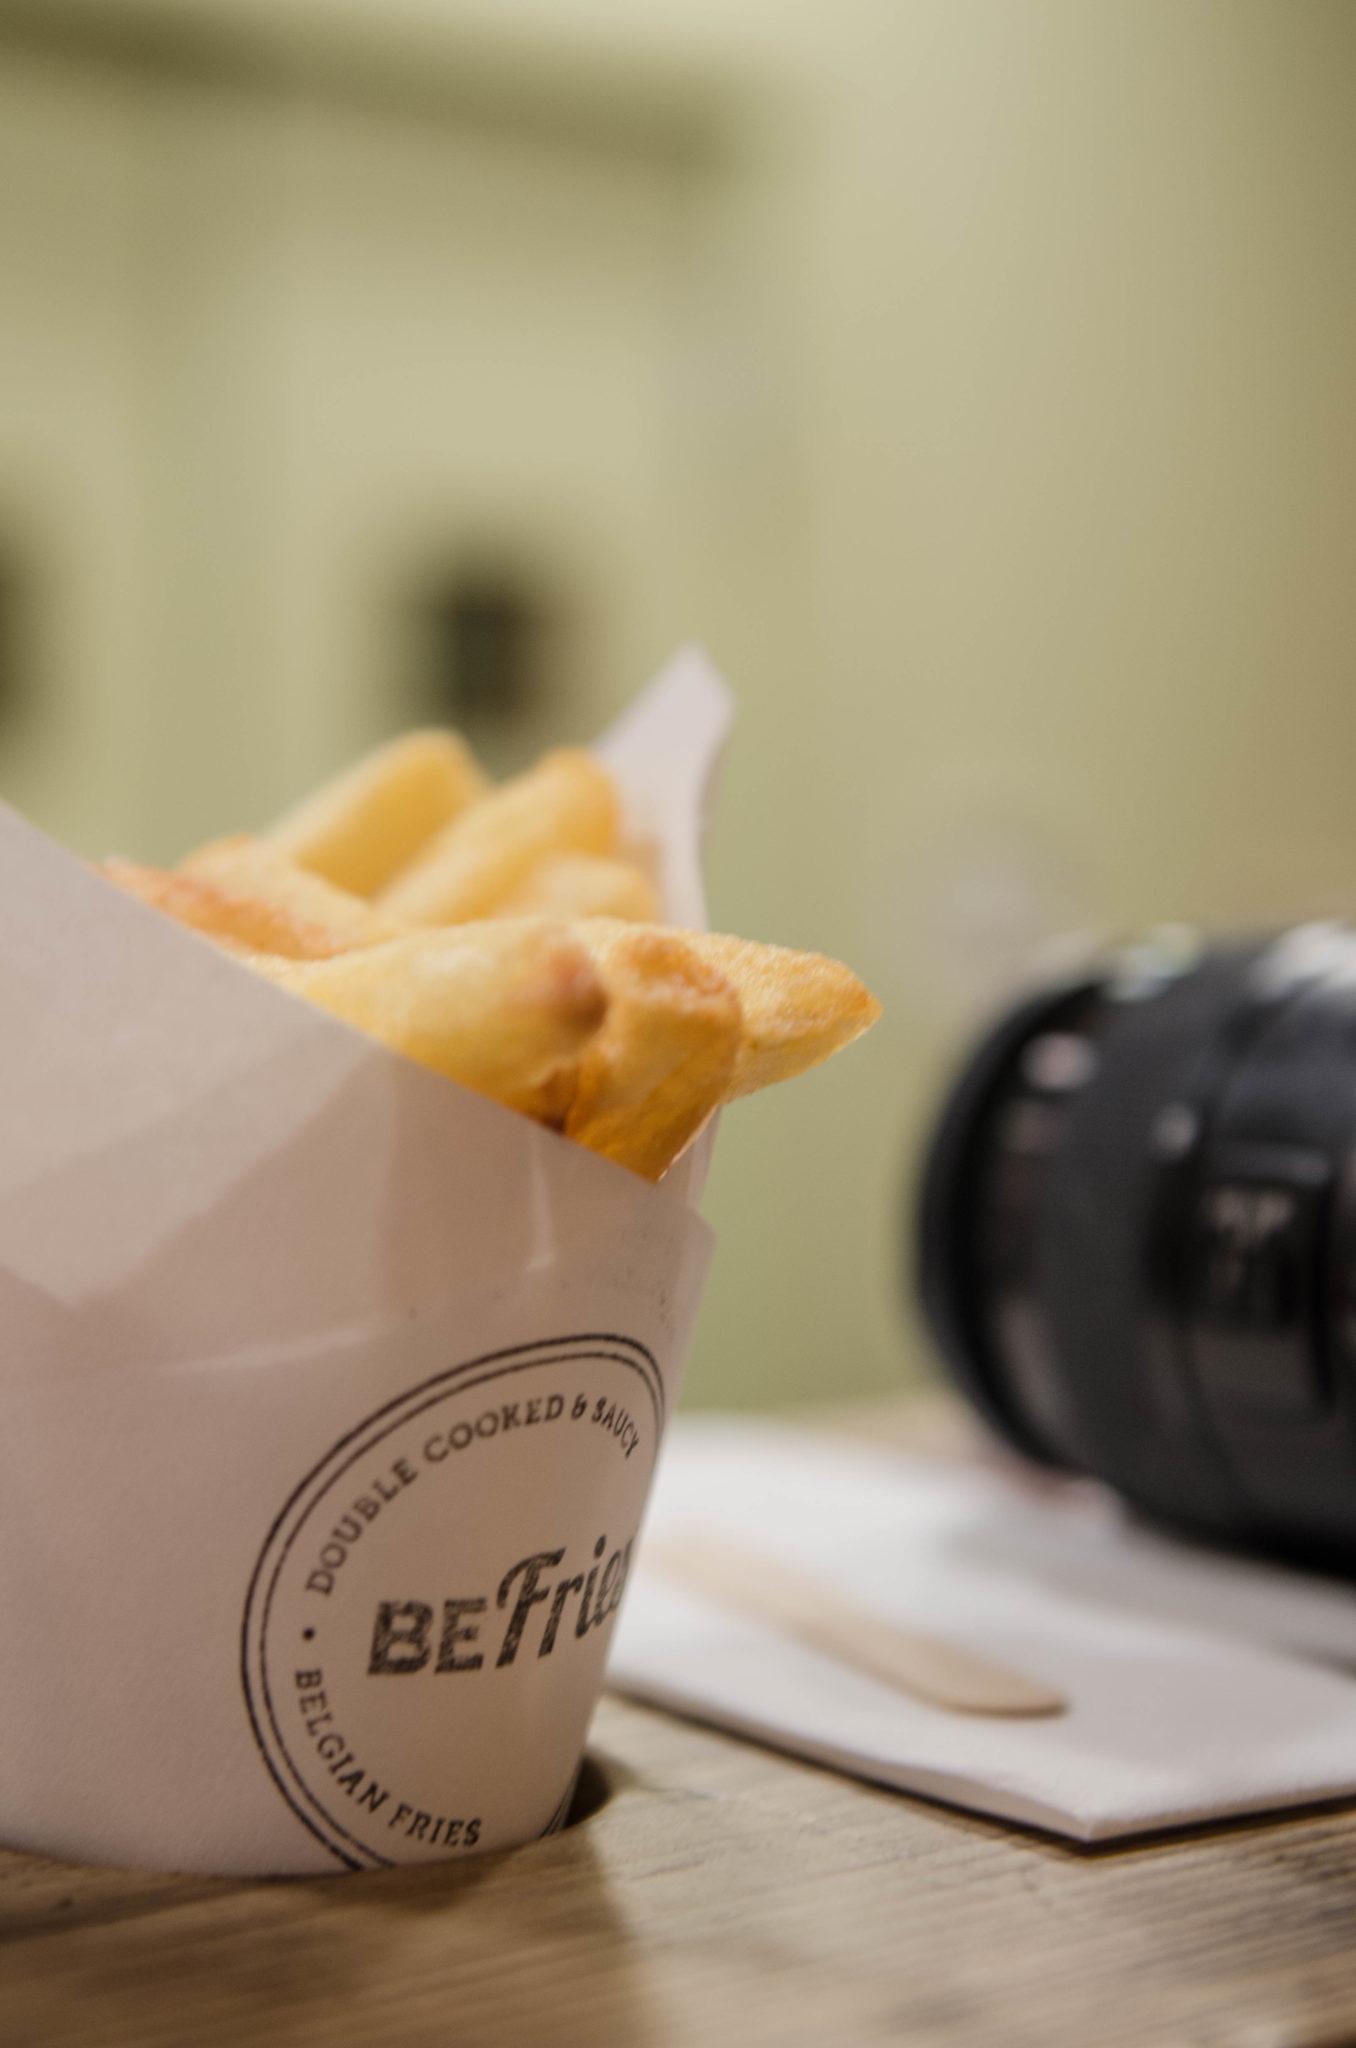 Bei der Brighton Food Tour bekommt man einen Einblick in das Thema Essen und Trinken in Brighton.